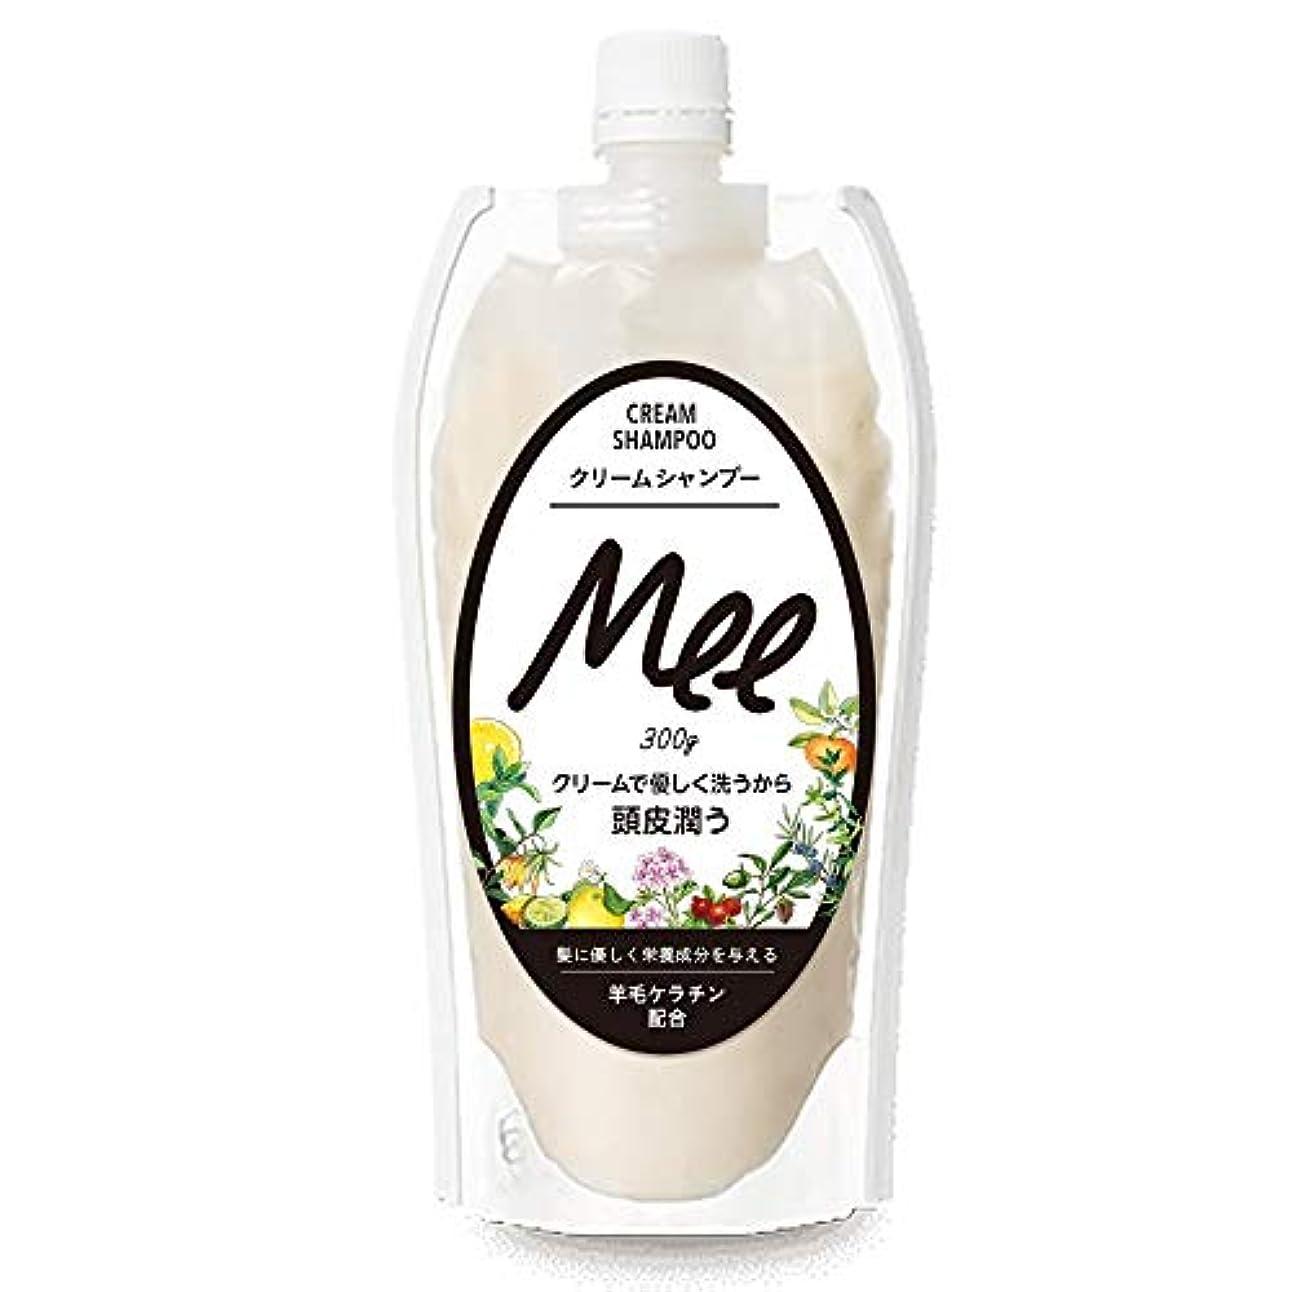 コールドにもかかわらず膨張する洗えるヘアトリートメント Mee 300g クリームシャンプー 皮脂 乾燥肌 ダメージケア 大容量 時短